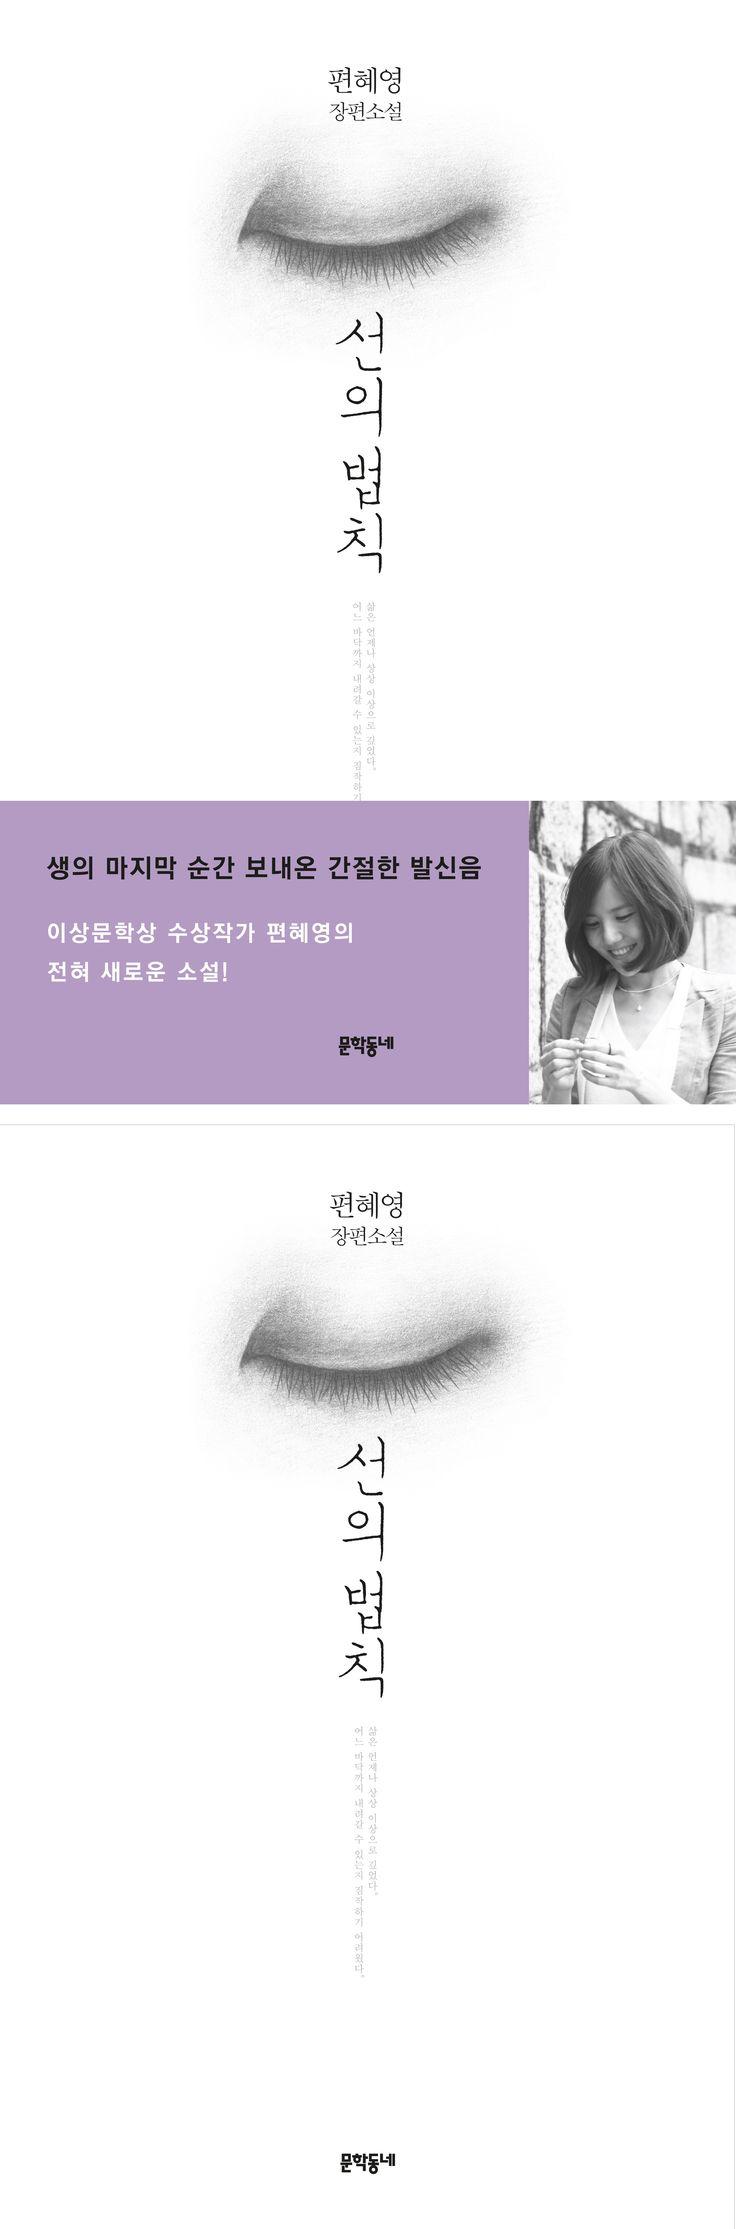 선의 법칙 / 편혜영  book design, cover design